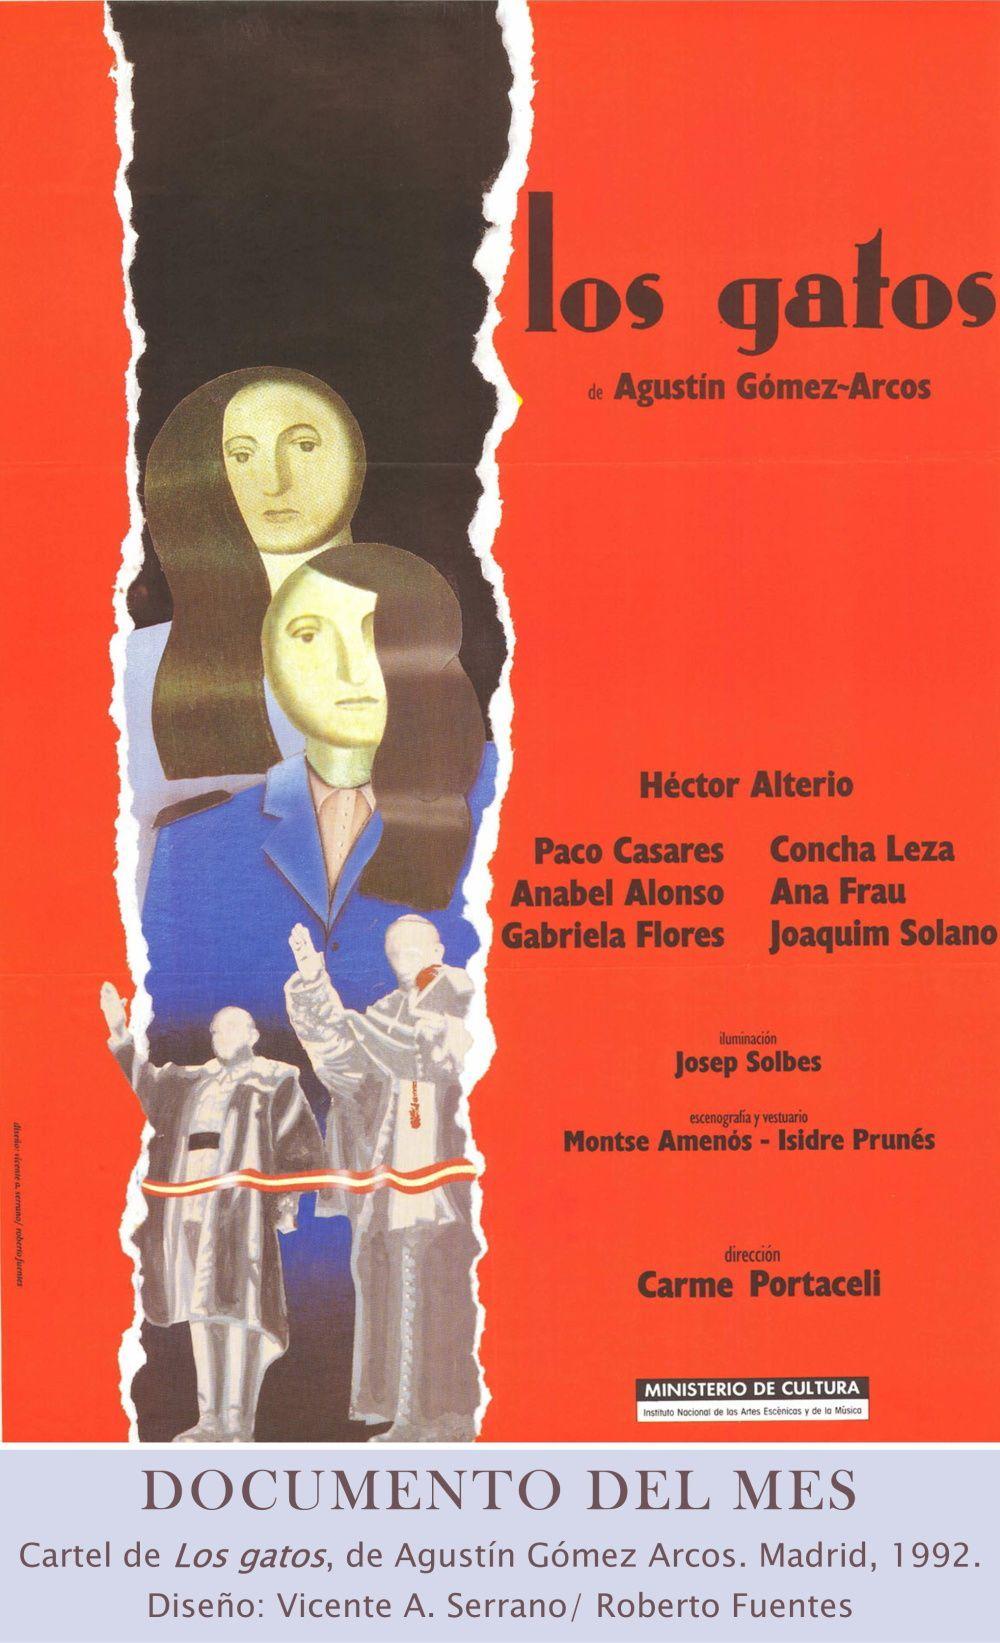 Cartel de Los gatos, de Agustín Gómez Arcos.